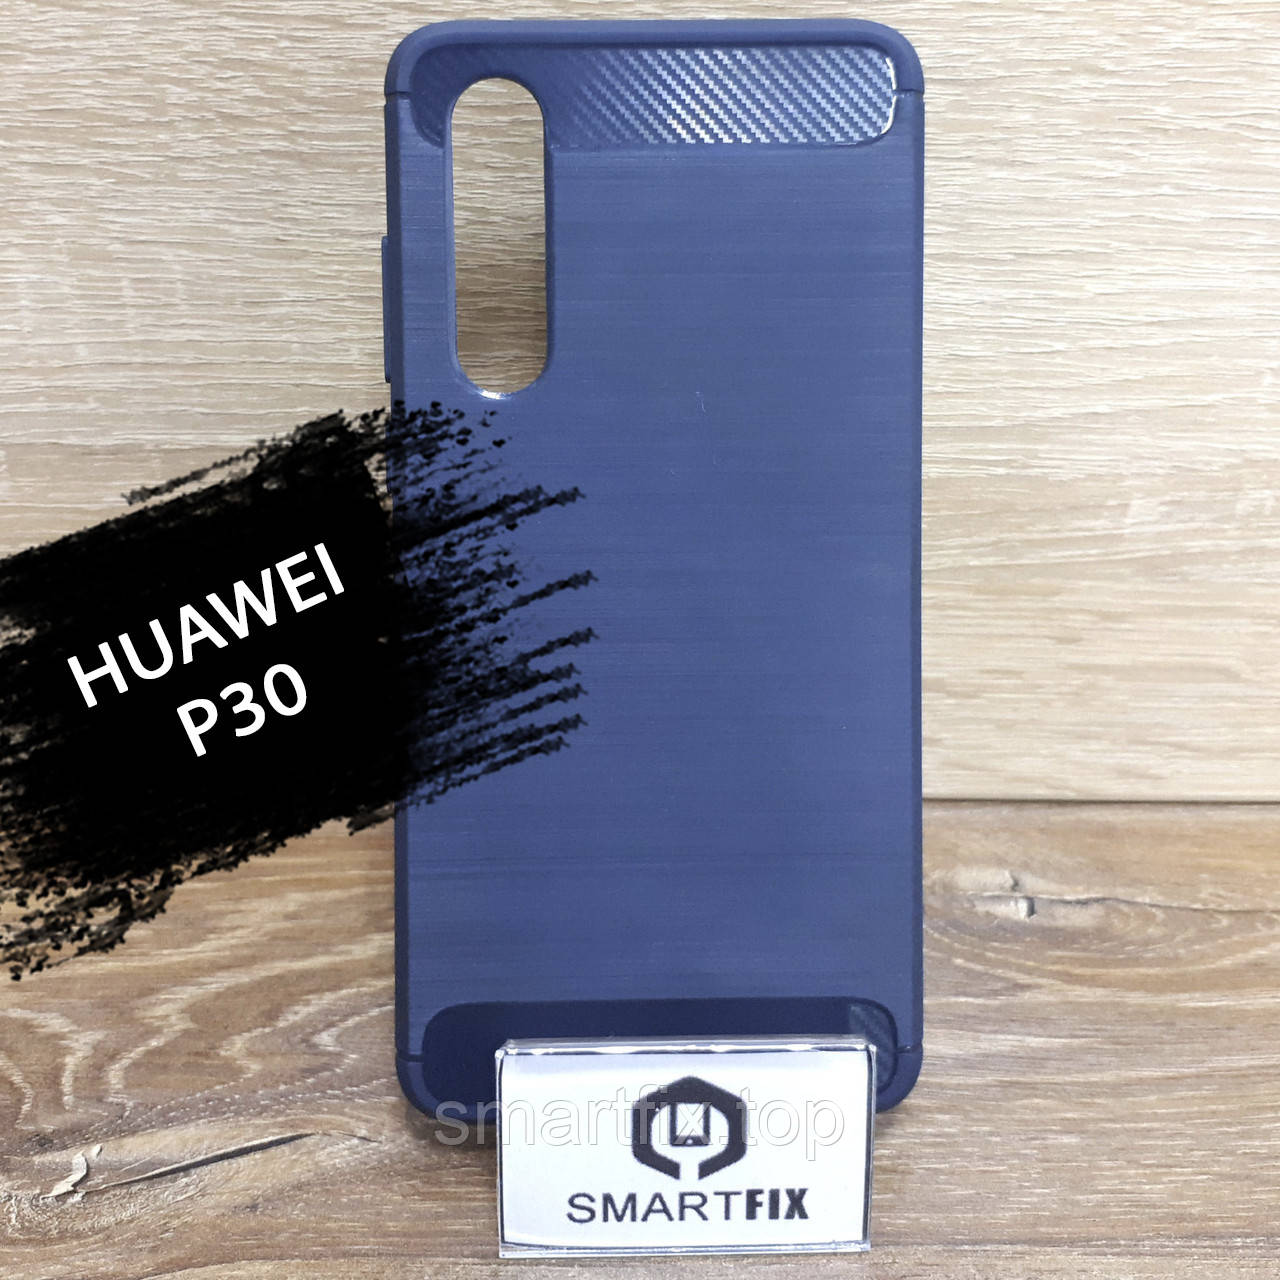 Противоударный чехол для Huawei P30 Ultimate